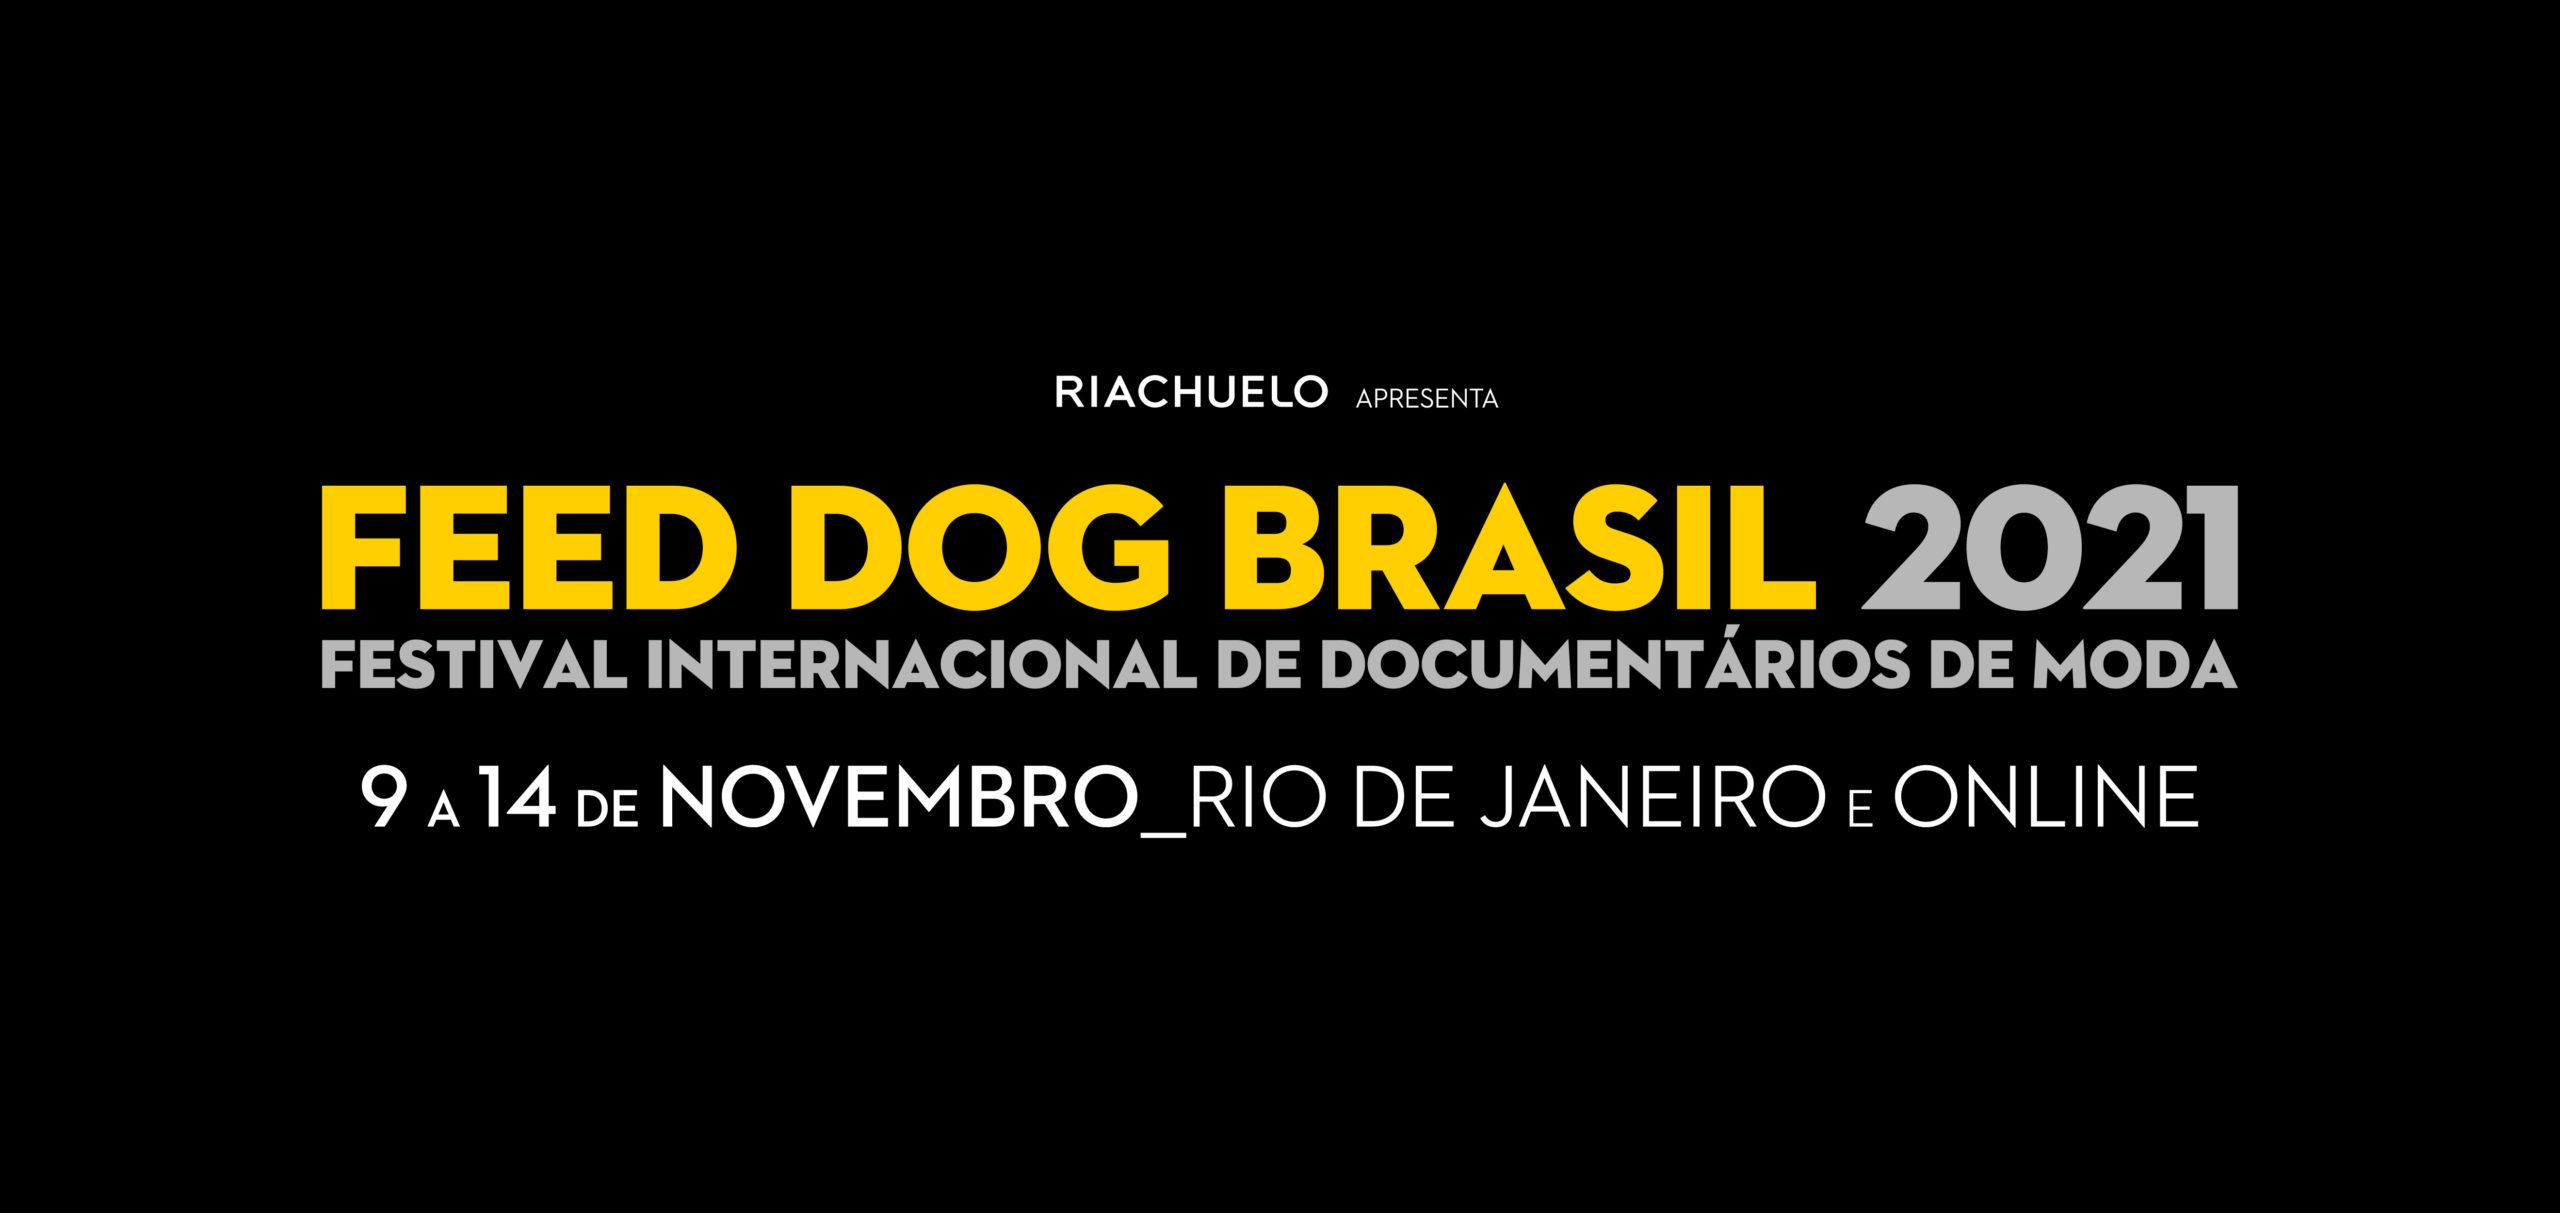 Feed Dog Brasil 2021